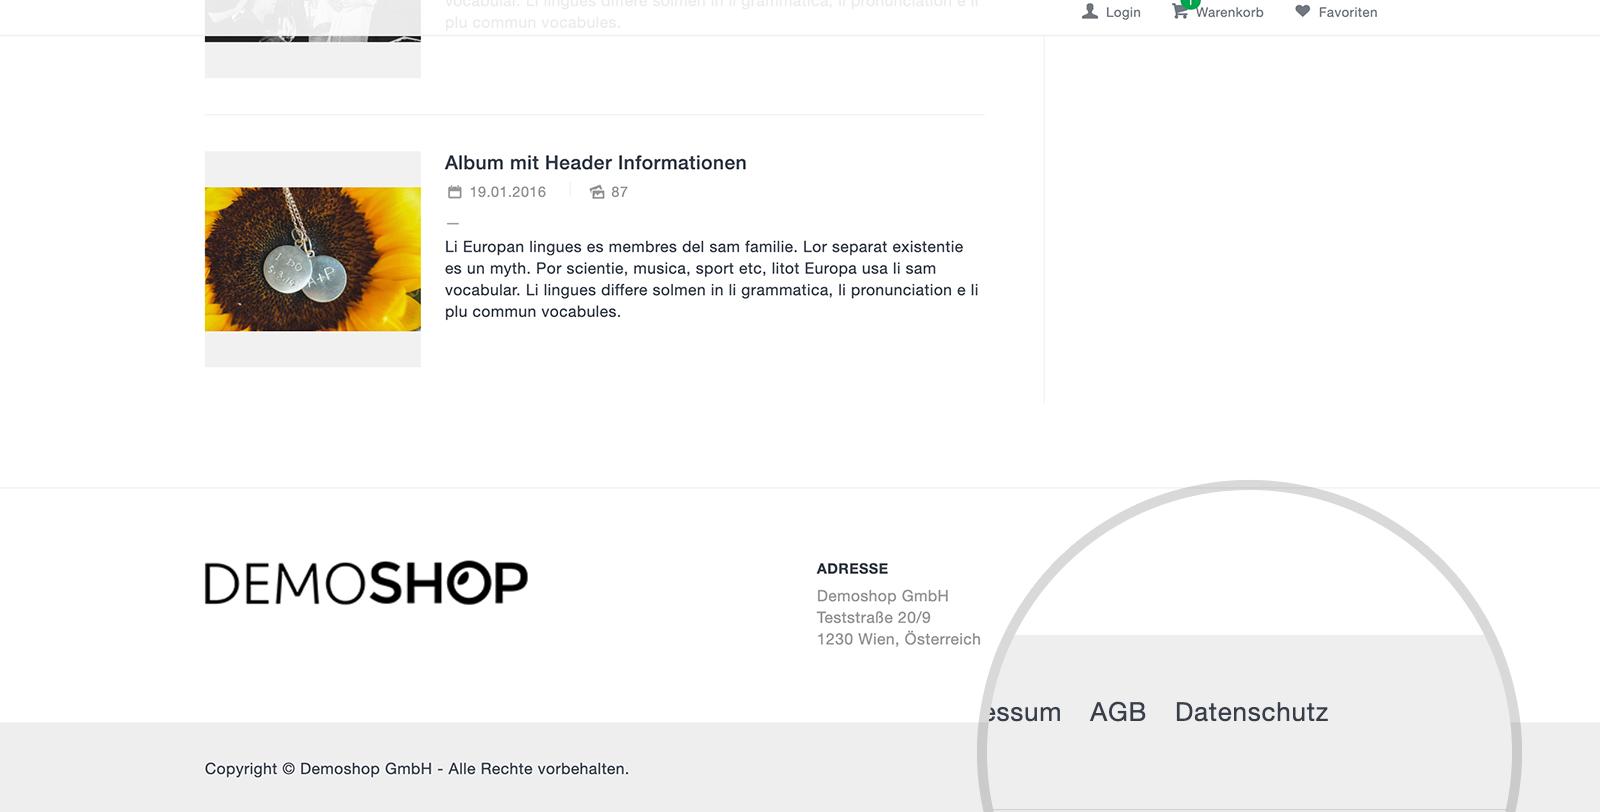 Datenschutz DSGVO: Webshop Wurde Durch Datenschutz Seite Ergänzt